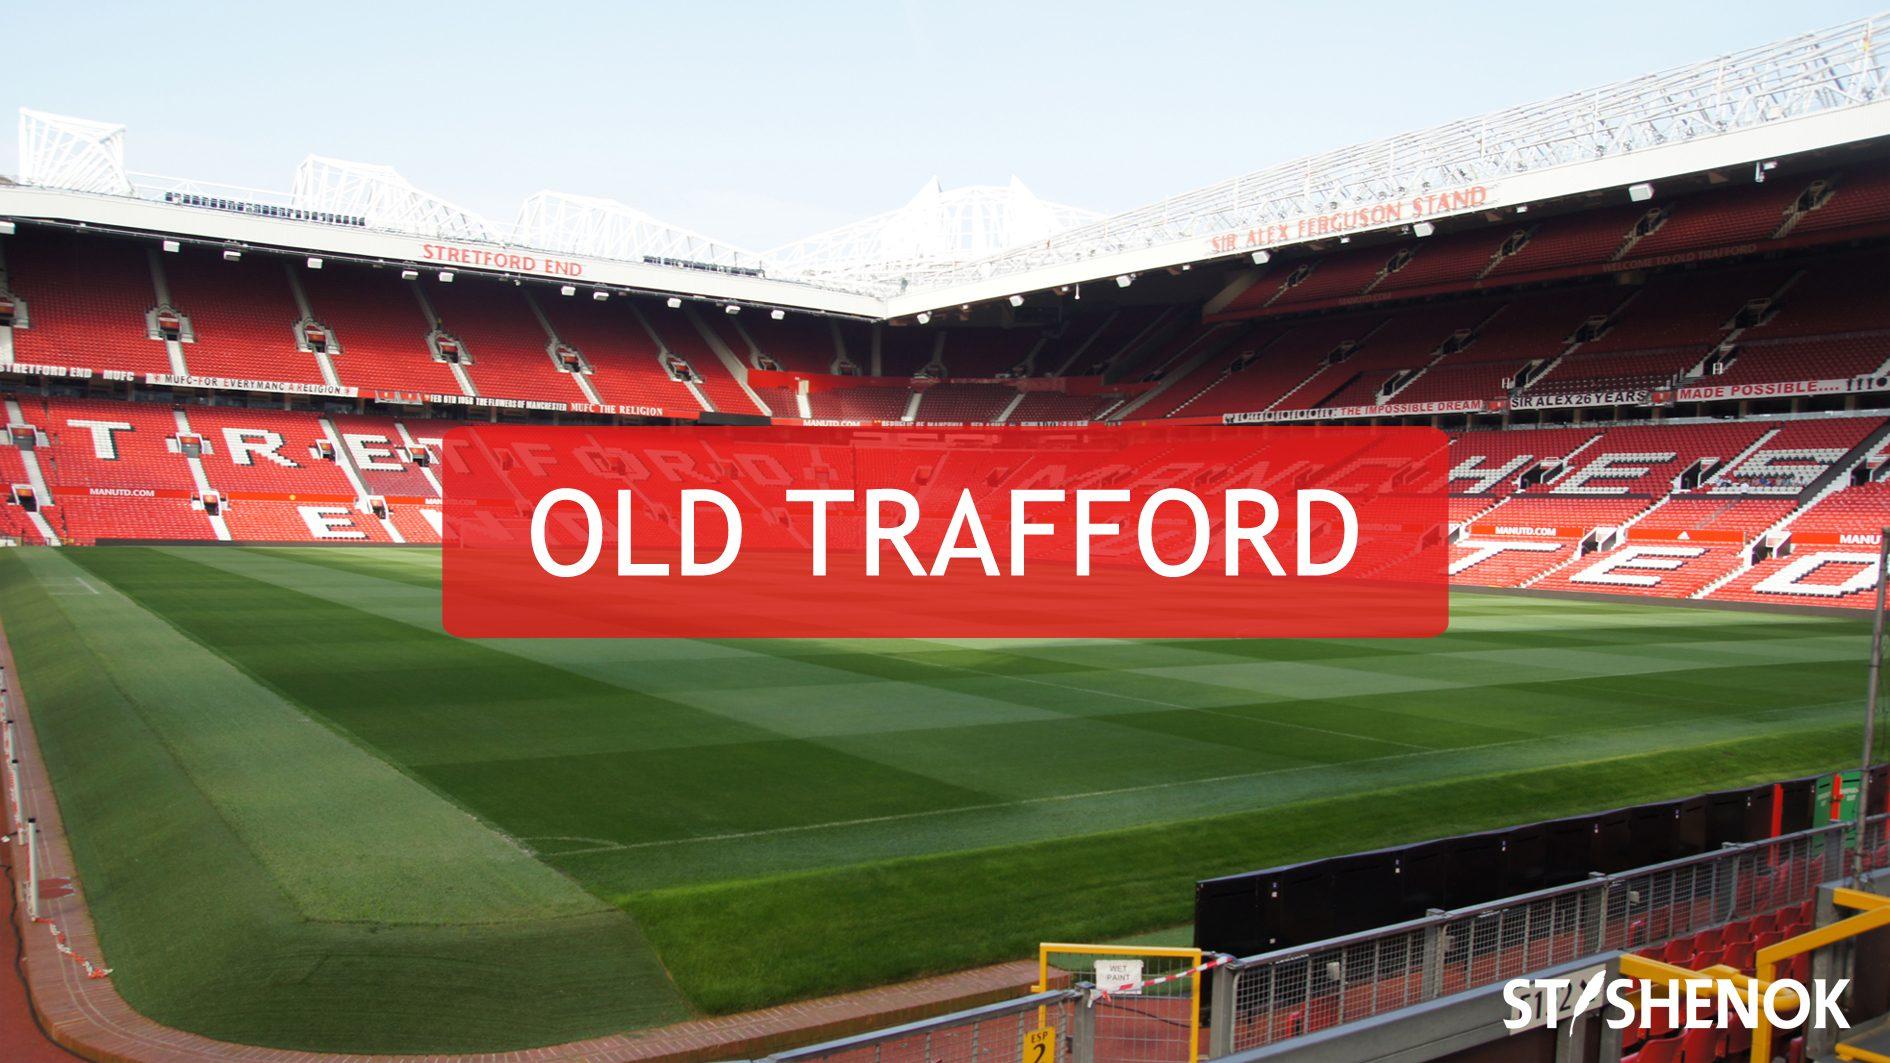 Семь дней в Англии. Часть 3. «Олд Траффорд» и Национальный футбольный музей